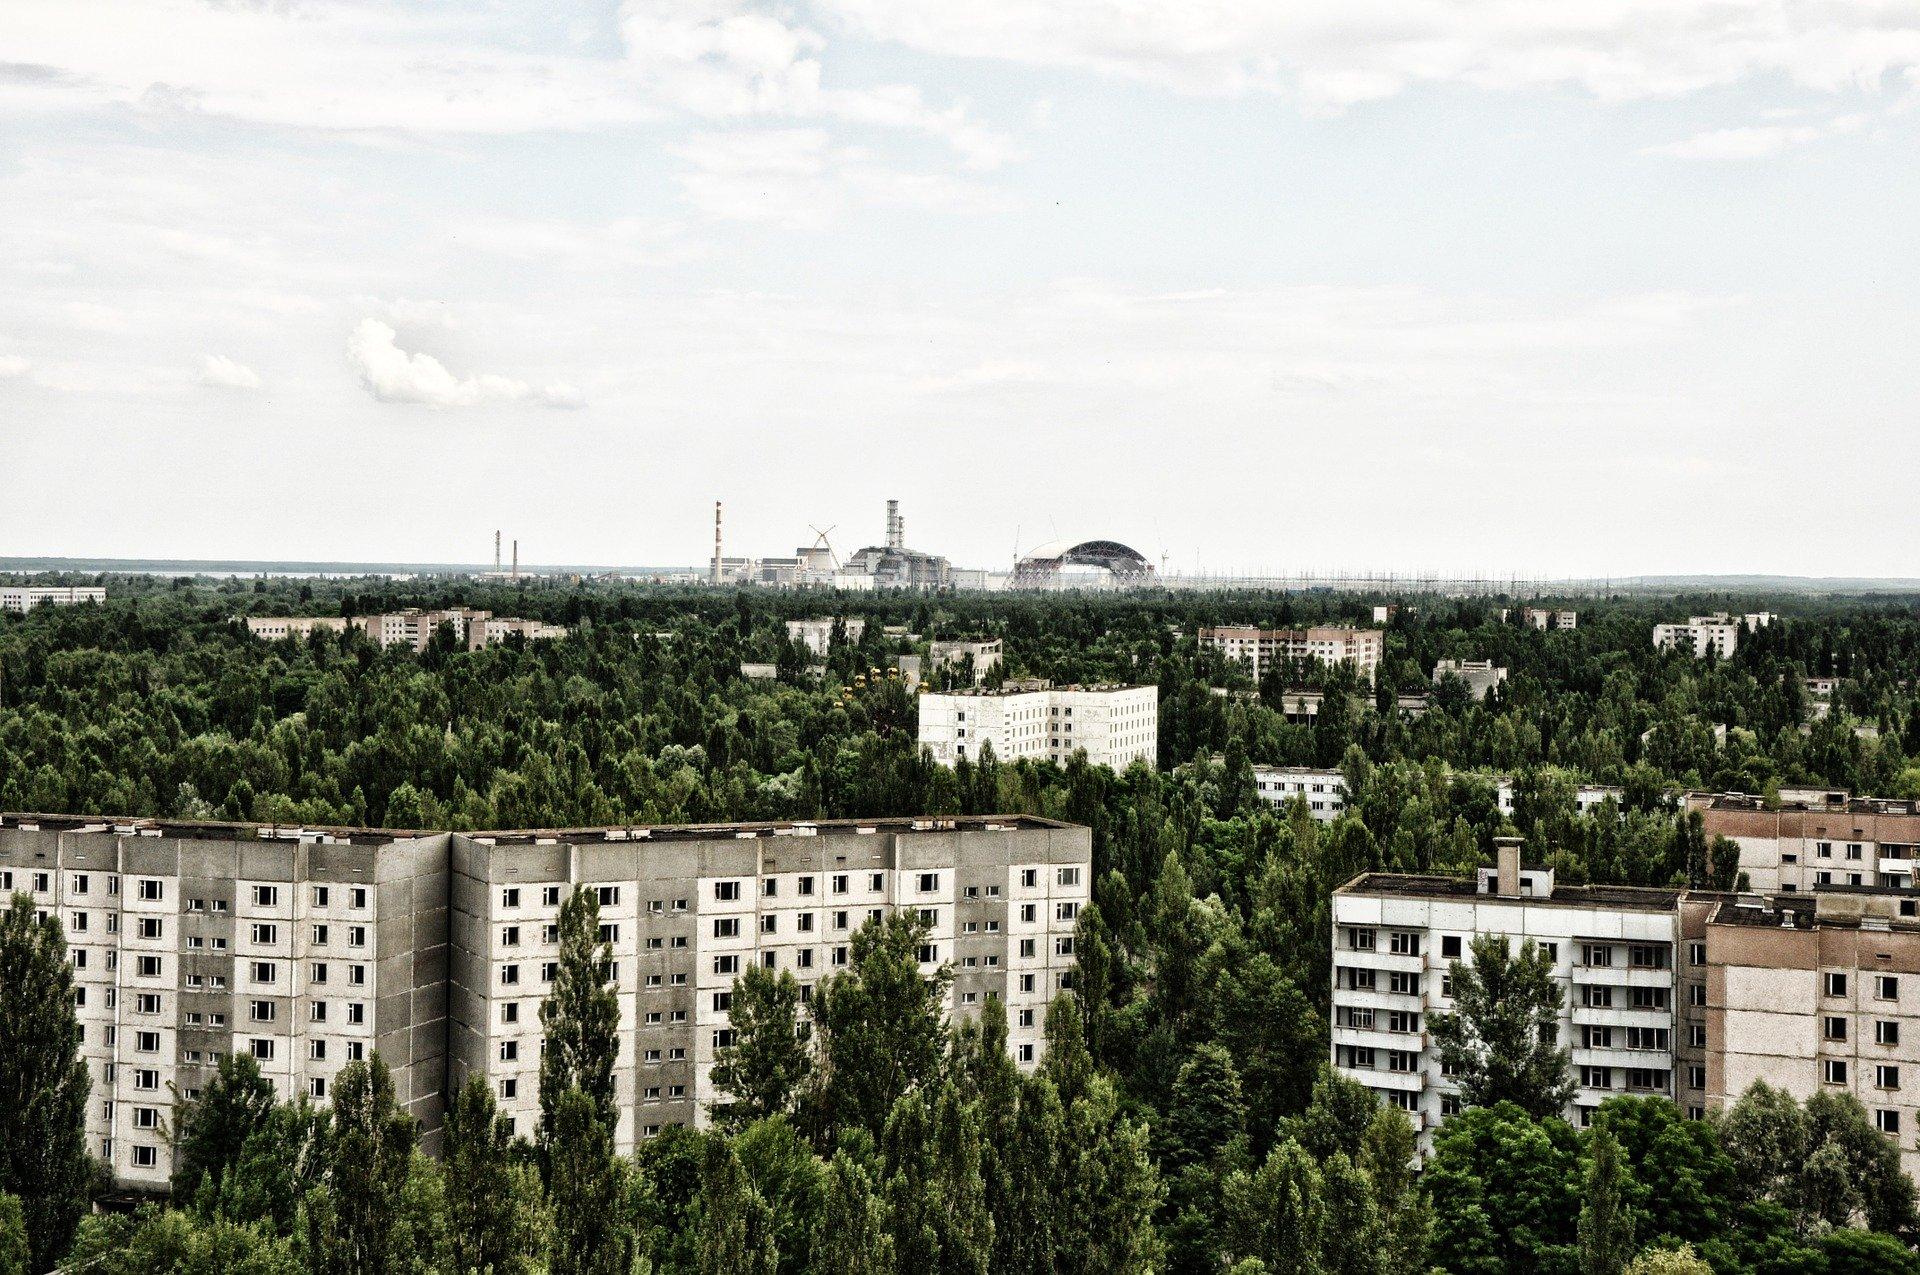 35 Jahre Reaktorkatastrophe von Tschernobyl